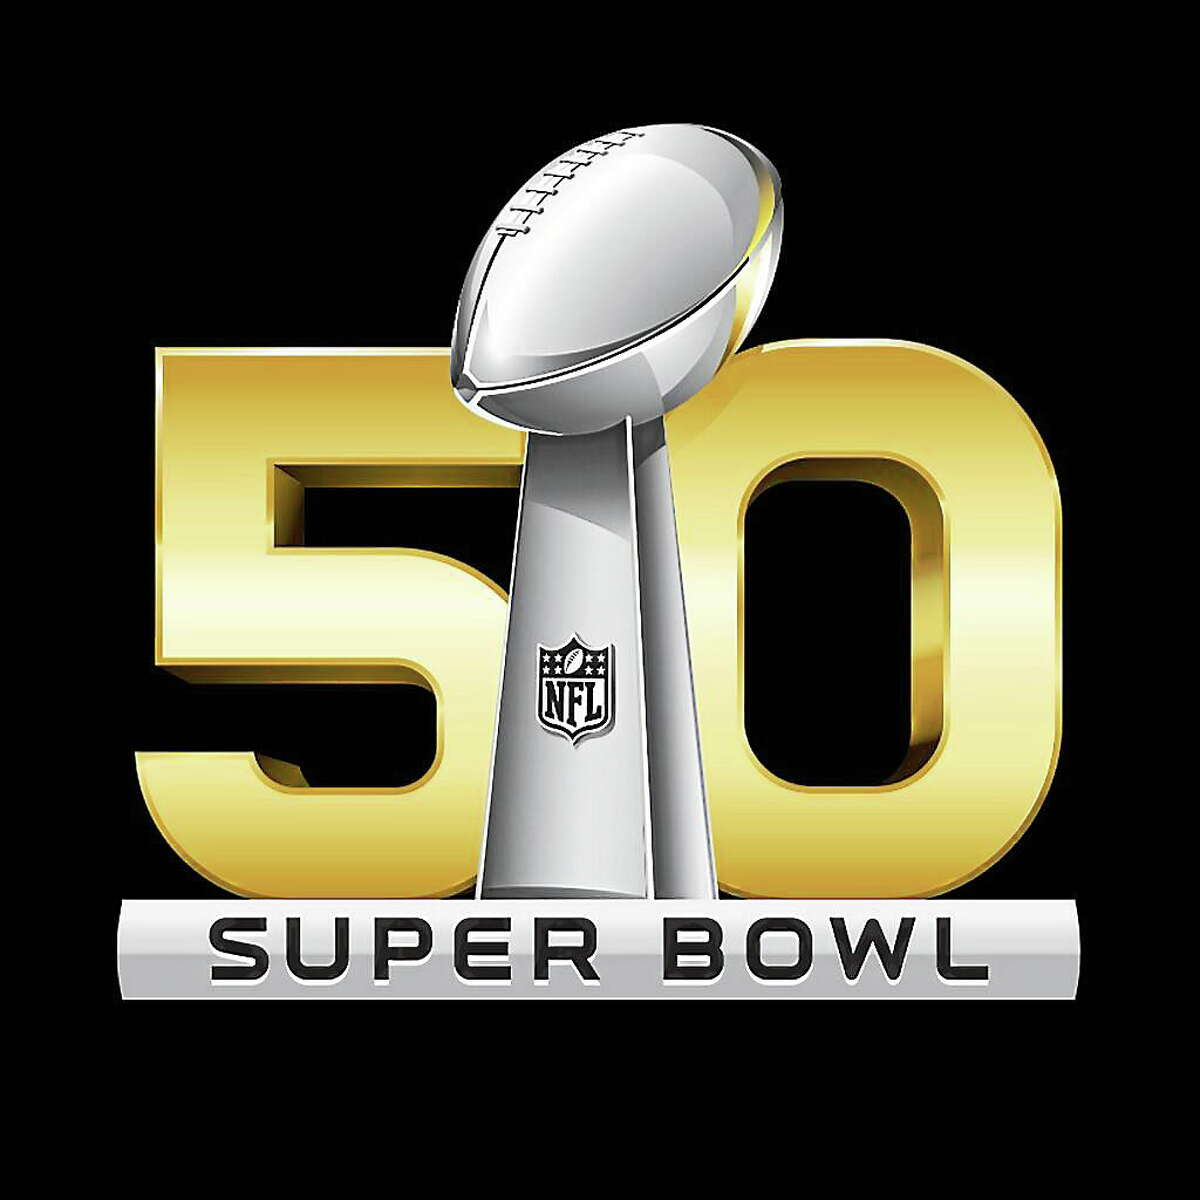 Super Bowl 50 will not be Super Bowl L.